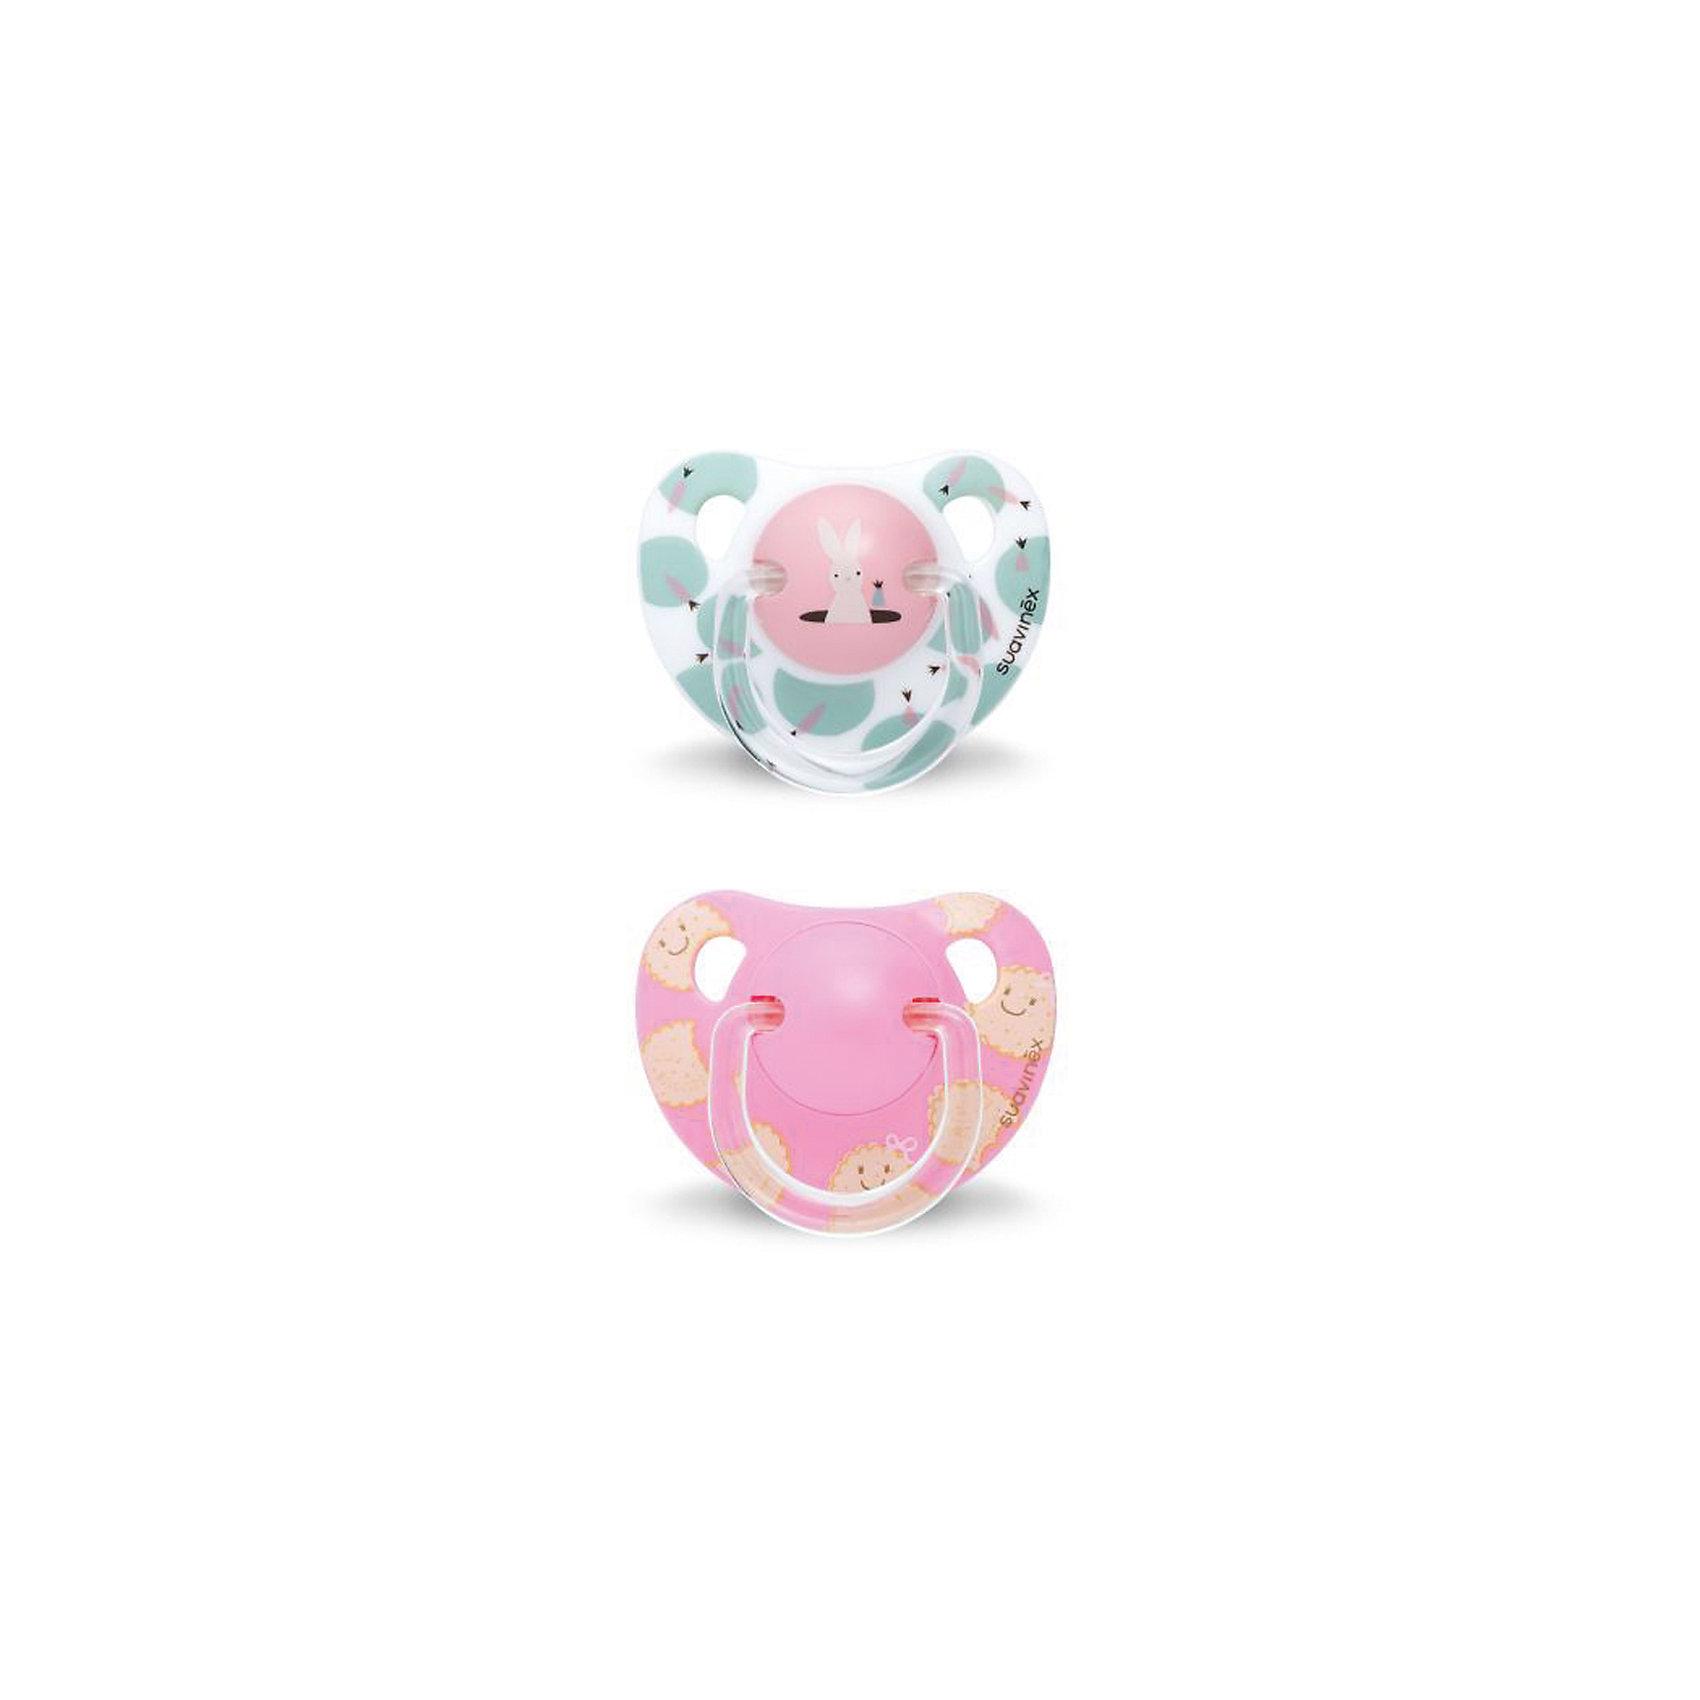 Набор пустышек от 12 мес. ,2 шт, сликон, Suavinex, белый кролик/розовый печеньеПустышки и аксессуары<br>Характеристики:<br><br>• Наименование: пустышка<br>• Рекомендуемый возраст: от 12 месяцев<br>• Пол: для девочки<br>• Материал: силикон, пластик<br>• Цвет: белый, розовый, бежевый<br>• Рисунок: кролик, печенье<br>• Форма: анатомическая<br>• Комплектация: 2 пустышки с разными рисунками<br>• Наличие вентиляционных отверстий <br>• Кольцо для держателя<br>• Вес: 40 г<br>• Параметры (Д*Ш*В): 5,4*6,5*14,1 см <br>• Особенности ухода: можно мыть в теплой воде, регулярная стерилизация <br><br>Набор пустышек от 12 мес. , 2 шт, сликон, Suavinex, белый кролик/розовое печенье изготовлен испанским торговым брендом, специализирующимся на выпуске товаров для кормления и аксессуаров новорожденным и младенцам. Продукция от Suavinex разработана с учетом рекомендаций педиатров и стоматологов, что гарантирует качество и безопасность использованных материалов. <br><br>Пластик, из которого изготовлены изделия, устойчив к появлению царапин и сколов, благодаря чему пустышки длительное время сохраняют свои гигиенические свойства. Форма у сосок способствует равномерному распределению давления на небо, что обеспечивает правильное формирование речевого аппарата. <br><br>Пустышки имеют анатомическую форму, для прикрепления держателя предусмотрено кольцо. Изделия выполнены в брендовом дизайне. Рисунки нанесены по инновационной технологии, которая обеспечивает стойкость рисунка даже при длительном использовании и частой стерилизации.<br><br>Набор пустышек от 12 мес. , 2 шт, сликон, Suavinex, белый кролик/розовое печенье можно купить в нашем интернет-магазине.<br><br>Ширина мм: 54<br>Глубина мм: 65<br>Высота мм: 141<br>Вес г: 40<br>Возраст от месяцев: 12<br>Возраст до месяцев: 24<br>Пол: Женский<br>Возраст: Детский<br>SKU: 5451353